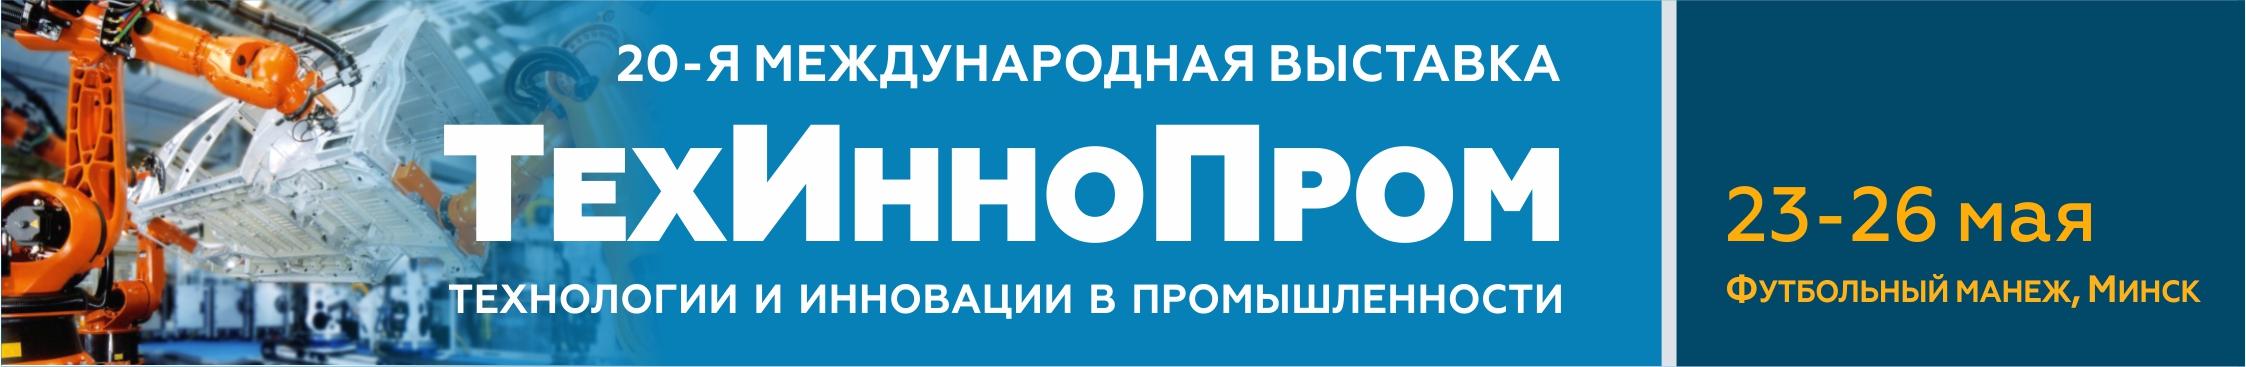 ТехИнноПром 2017 на Белорусском промышленном форуме